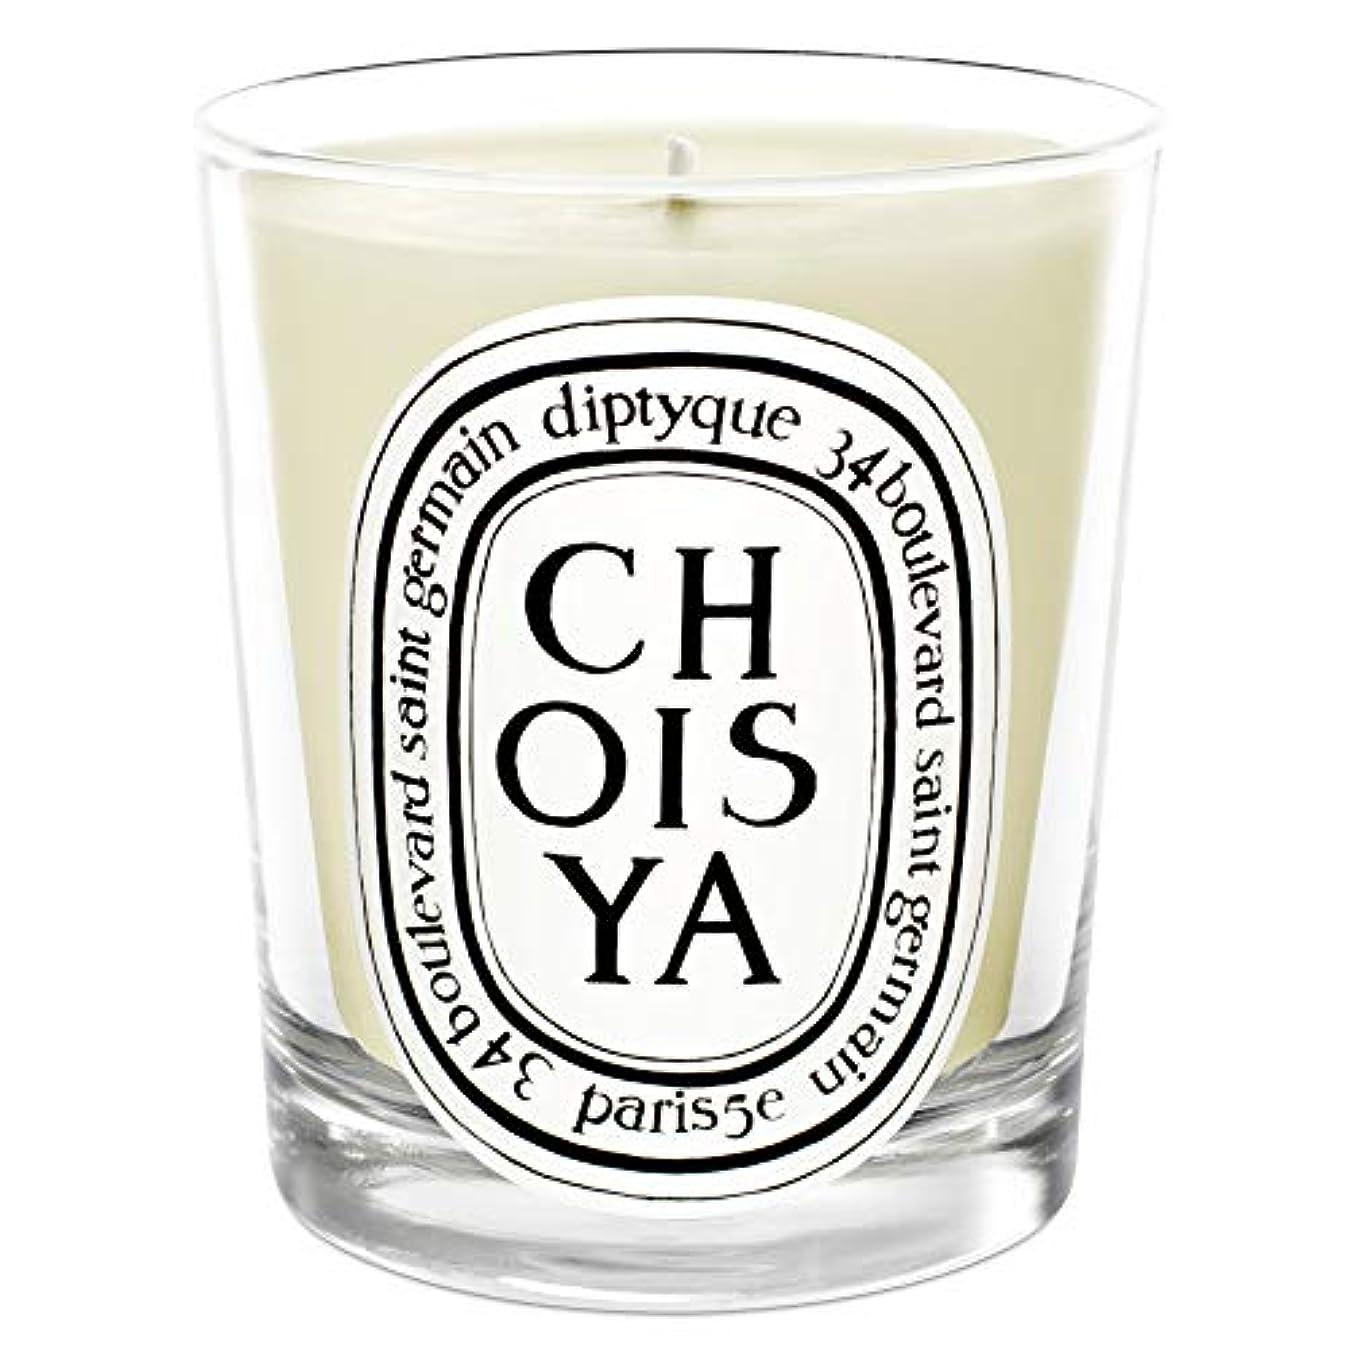 集める怒りビデオ[Diptyque] Diptyque Choisya香りのキャンドル190グラム - Diptyque Choisya Scented Candle 190g [並行輸入品]